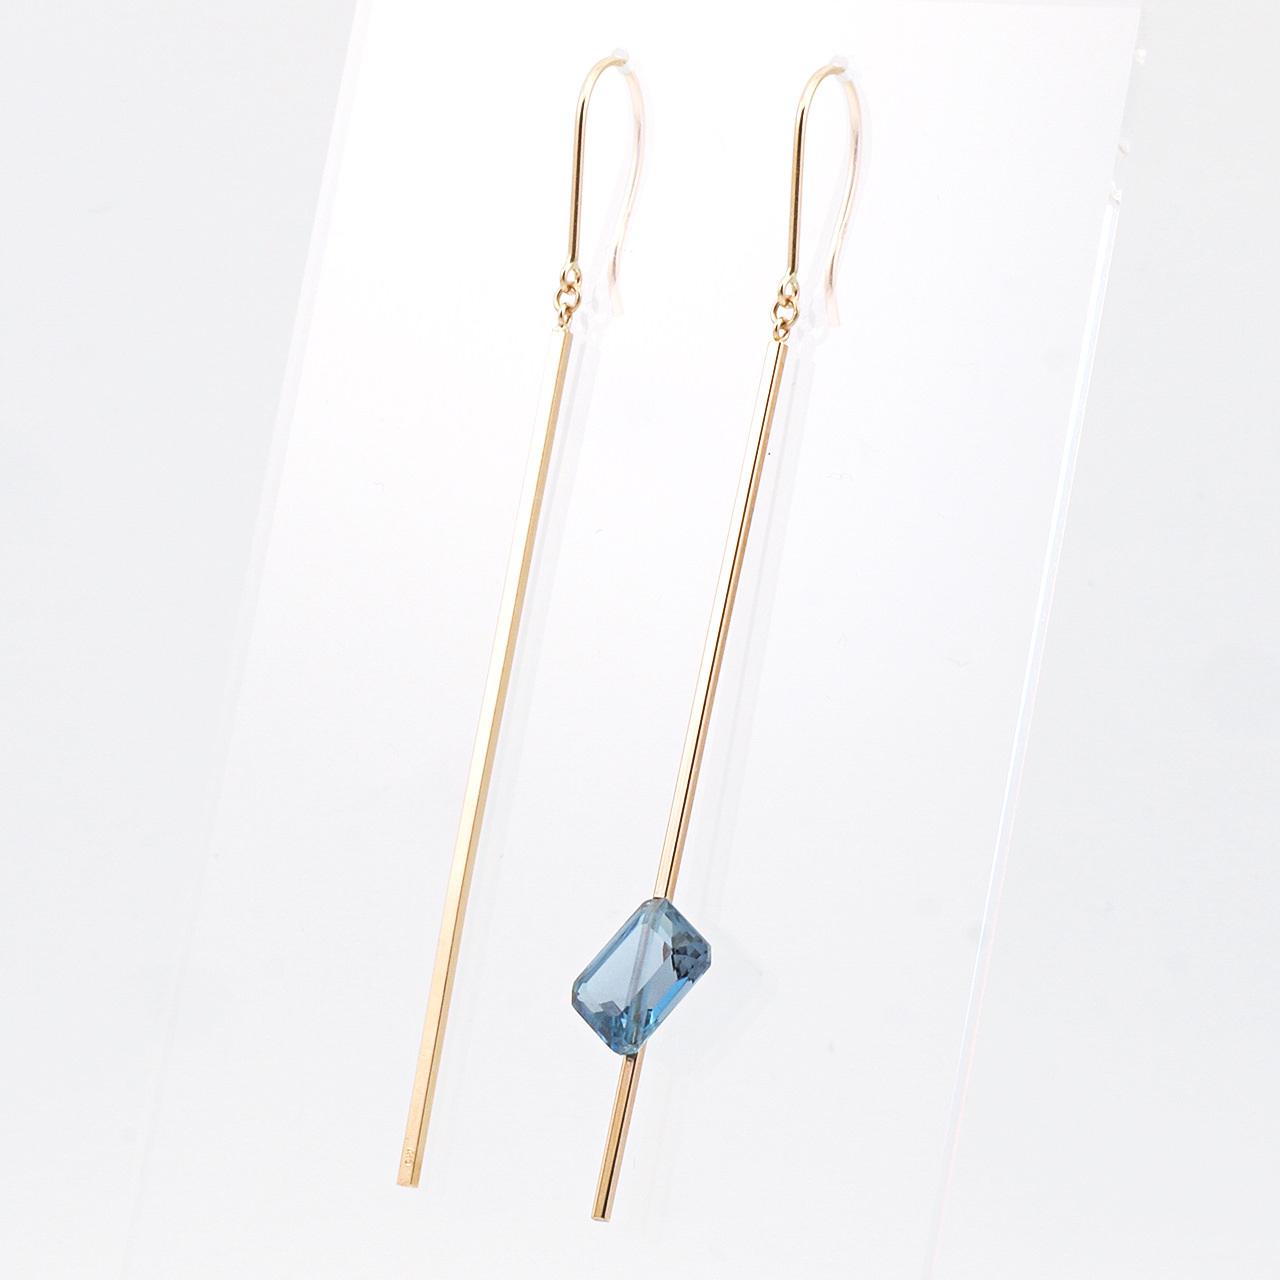 Stick pierced earrings / Hook